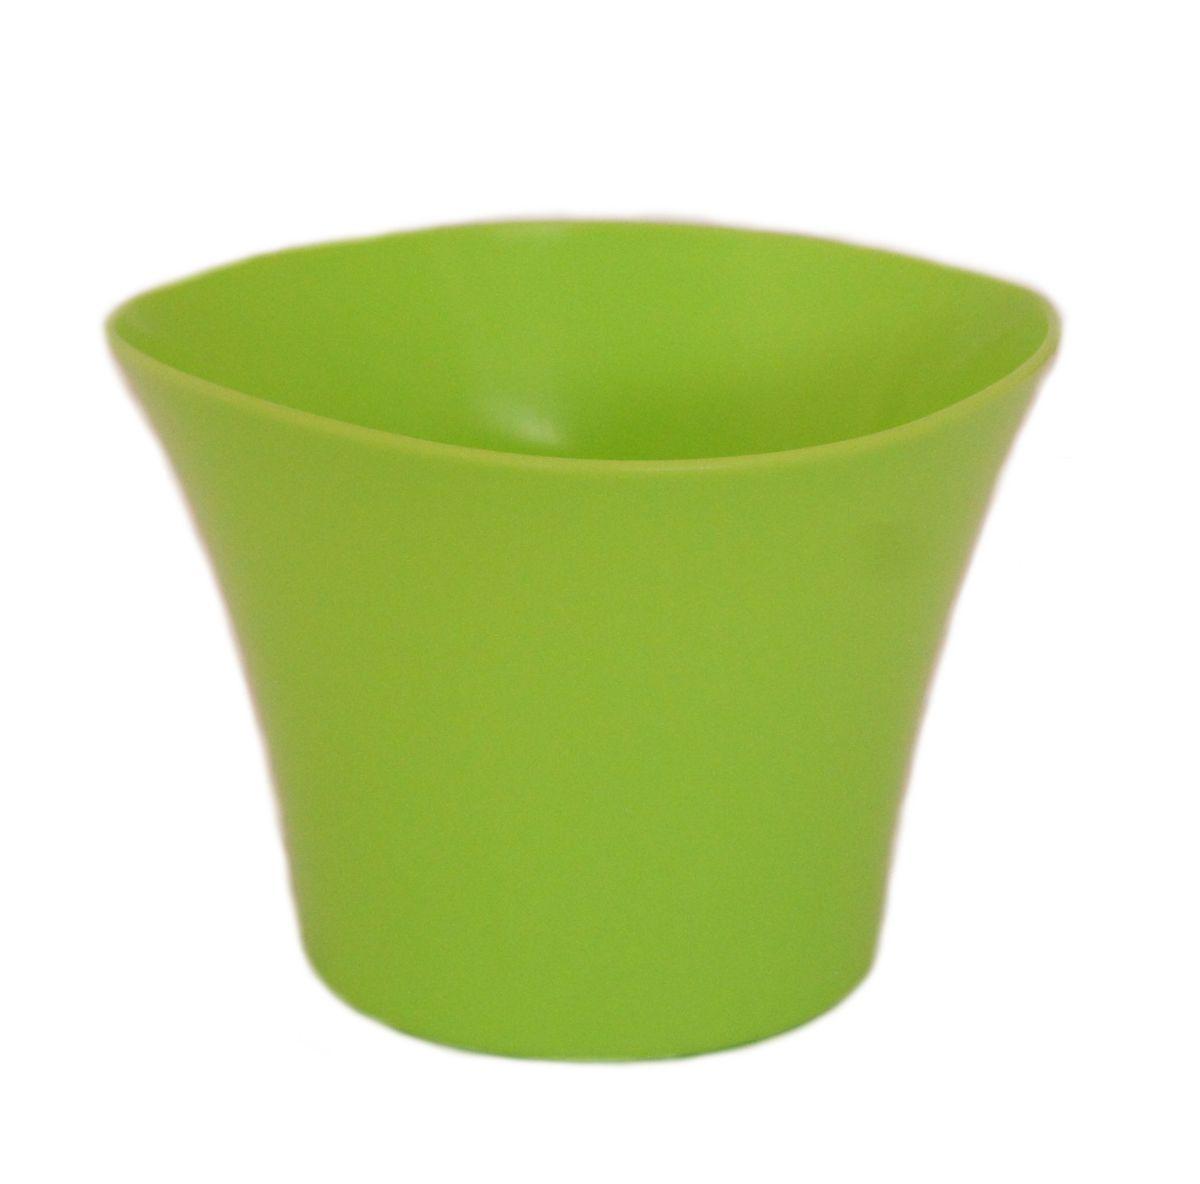 Кашпо JetPlast Волна, цвет: фисташковый, 600 мл4612754051984Кашпо Волна имеет уникальную форму, сочетающуюся как с классическим, так и с современным дизайном интерьера. Оно изготовлено из прочного полипропилена (пластика) и предназначено для выращивания растений, цветов и трав в домашних условиях. Такое кашпо порадует вас функциональностью, а благодаря лаконичному дизайну впишется в любой интерьер помещения. Объем кашпо: 600 мл.